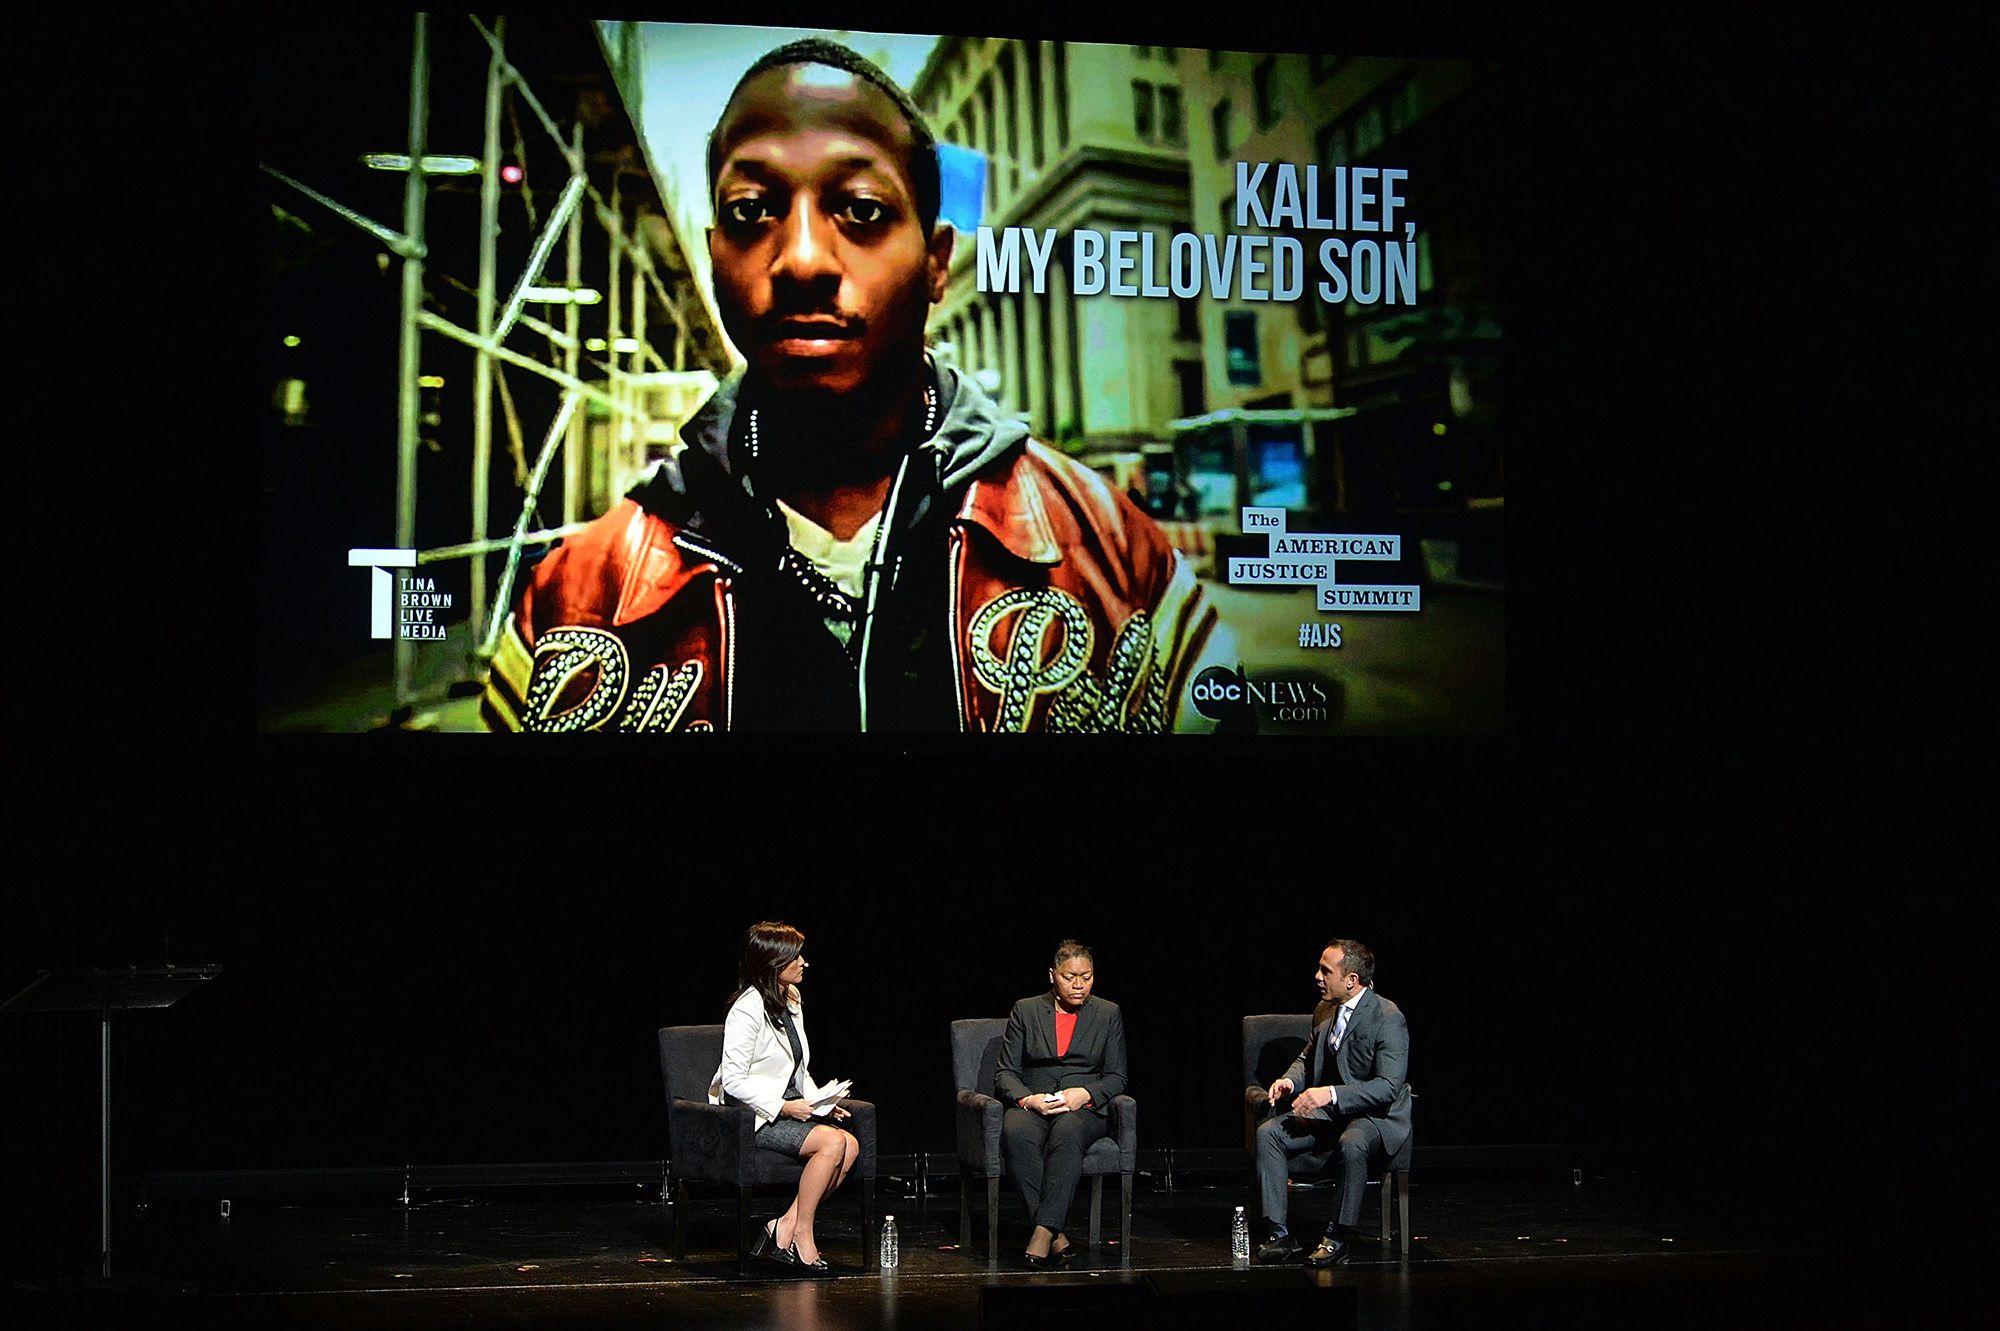 Kalief Browder édesanyja, Venida egy kerekasztal-beszélgetésen (fotó: Slaven Vlasic/Getty Images)